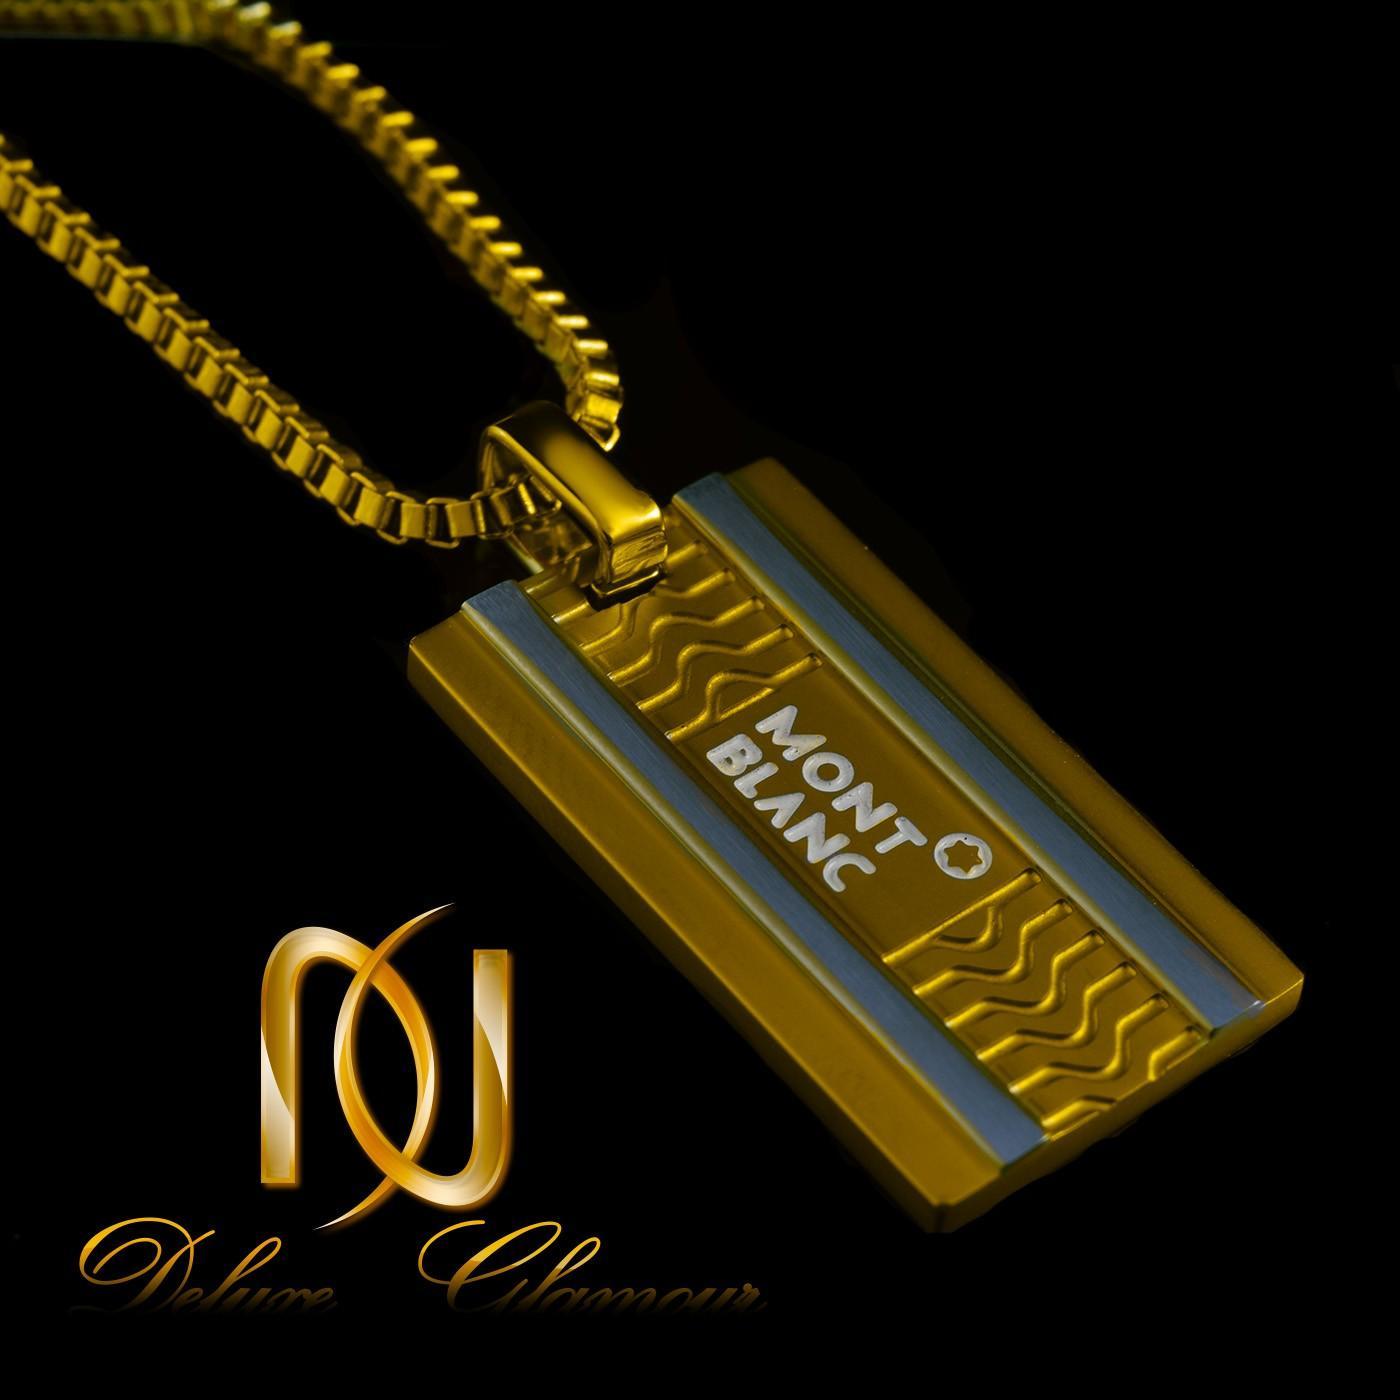 ست دستبند و گردنبند مردانه چرم و استیل ns-n215 از نمای مشکی